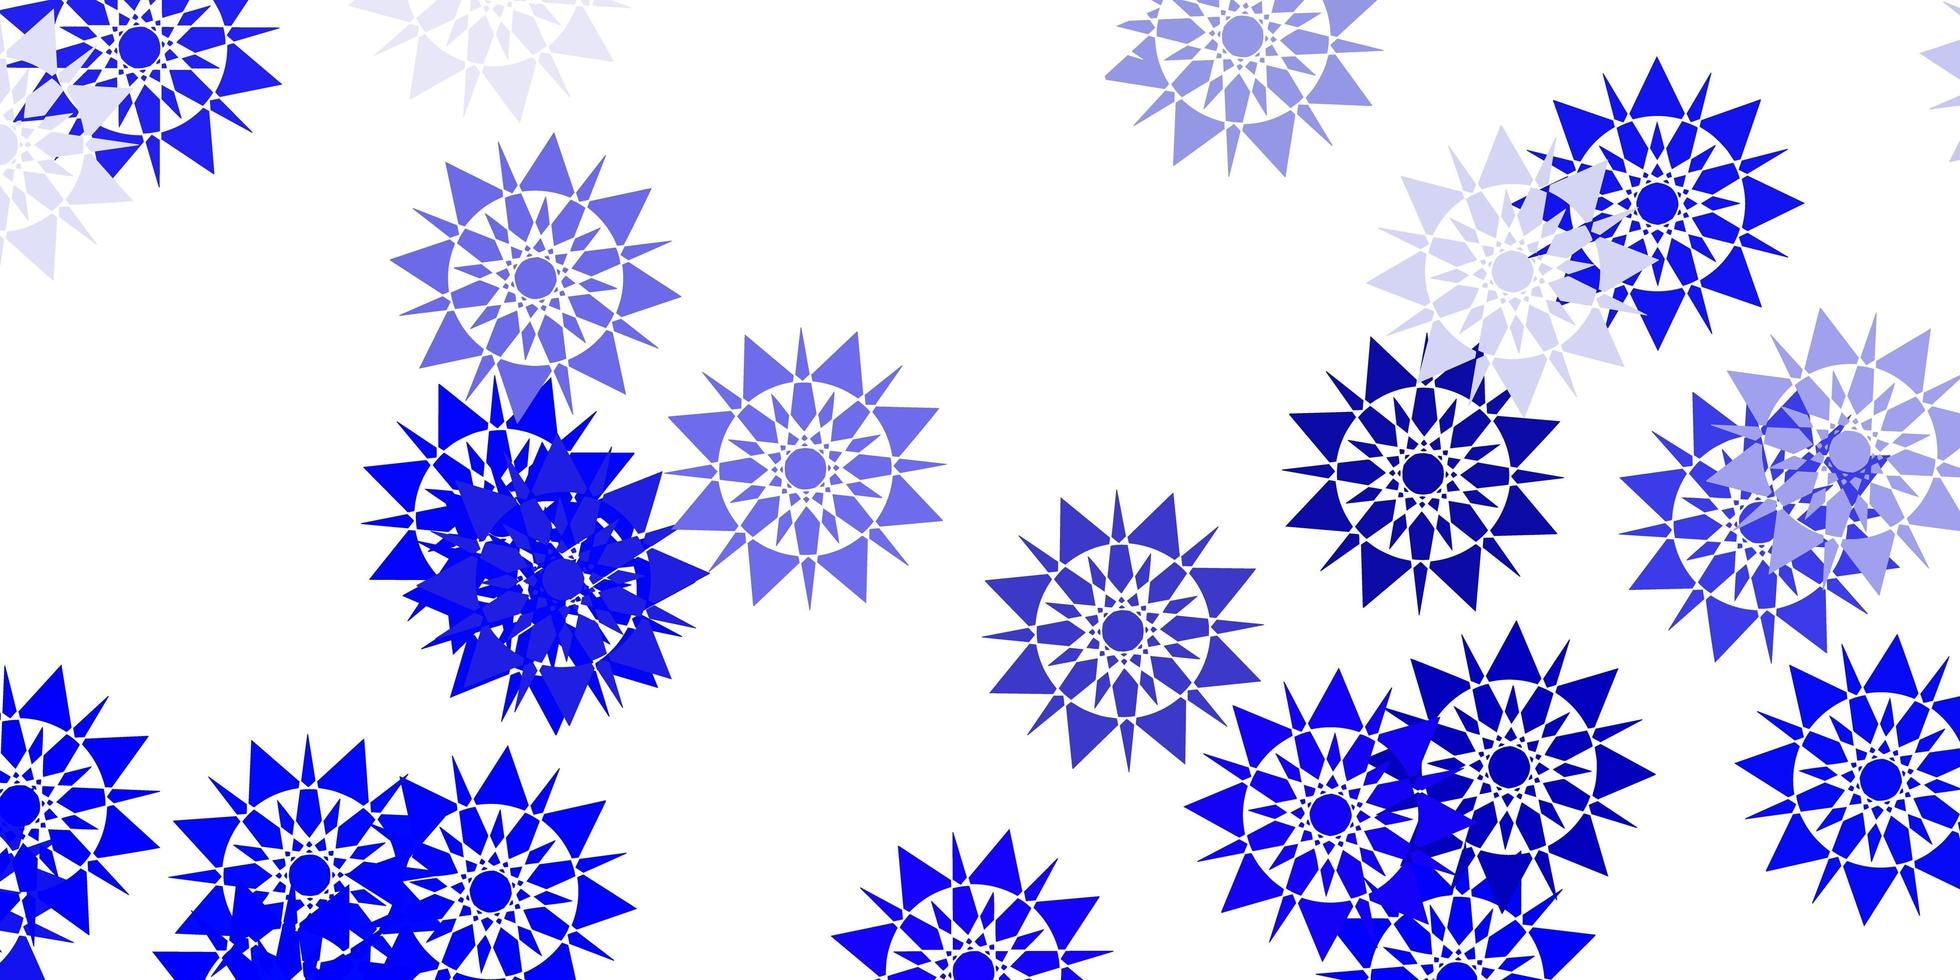 motif bleu clair avec des flocons de neige colorés. vecteur